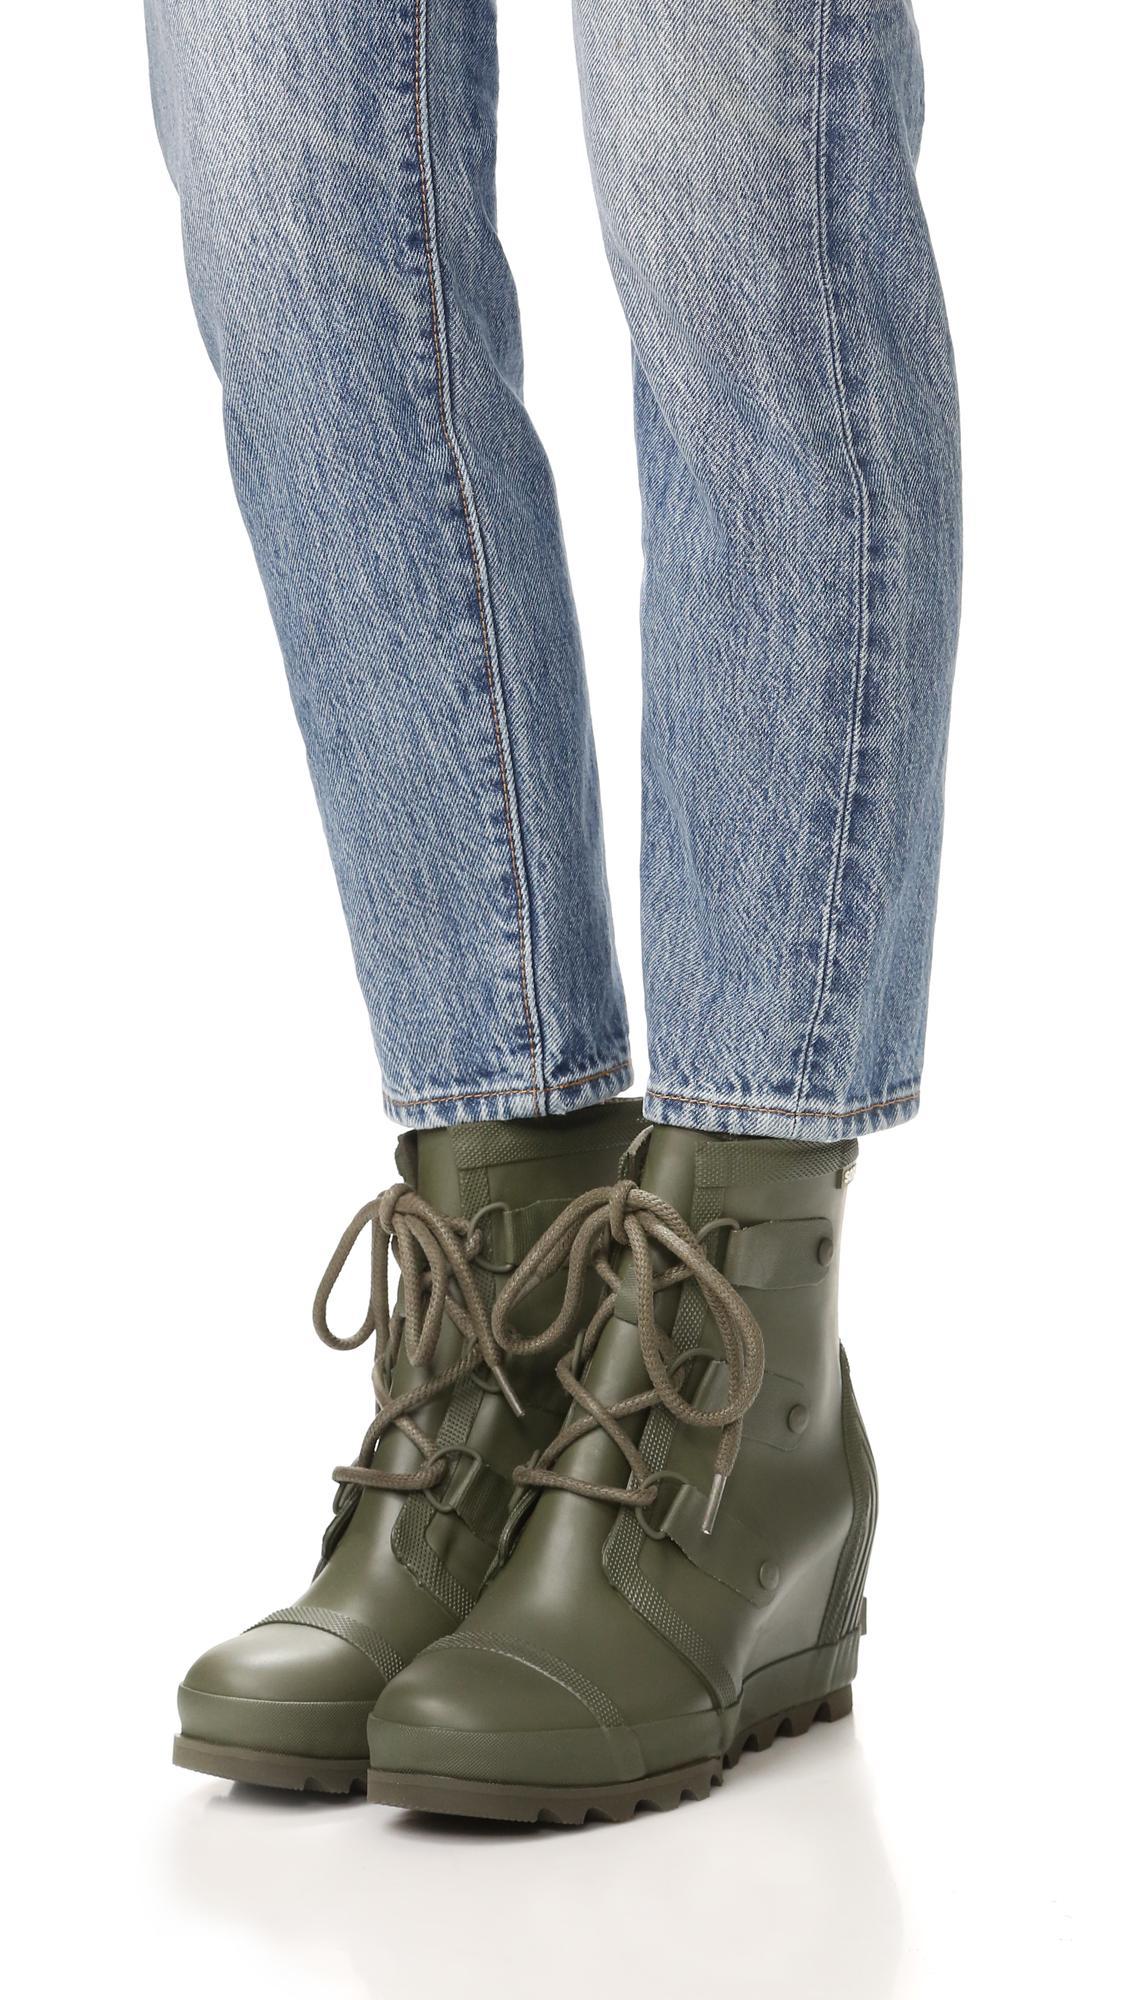 Lyst Sorel Joantm Rain Wedge Rubber Boots In Green